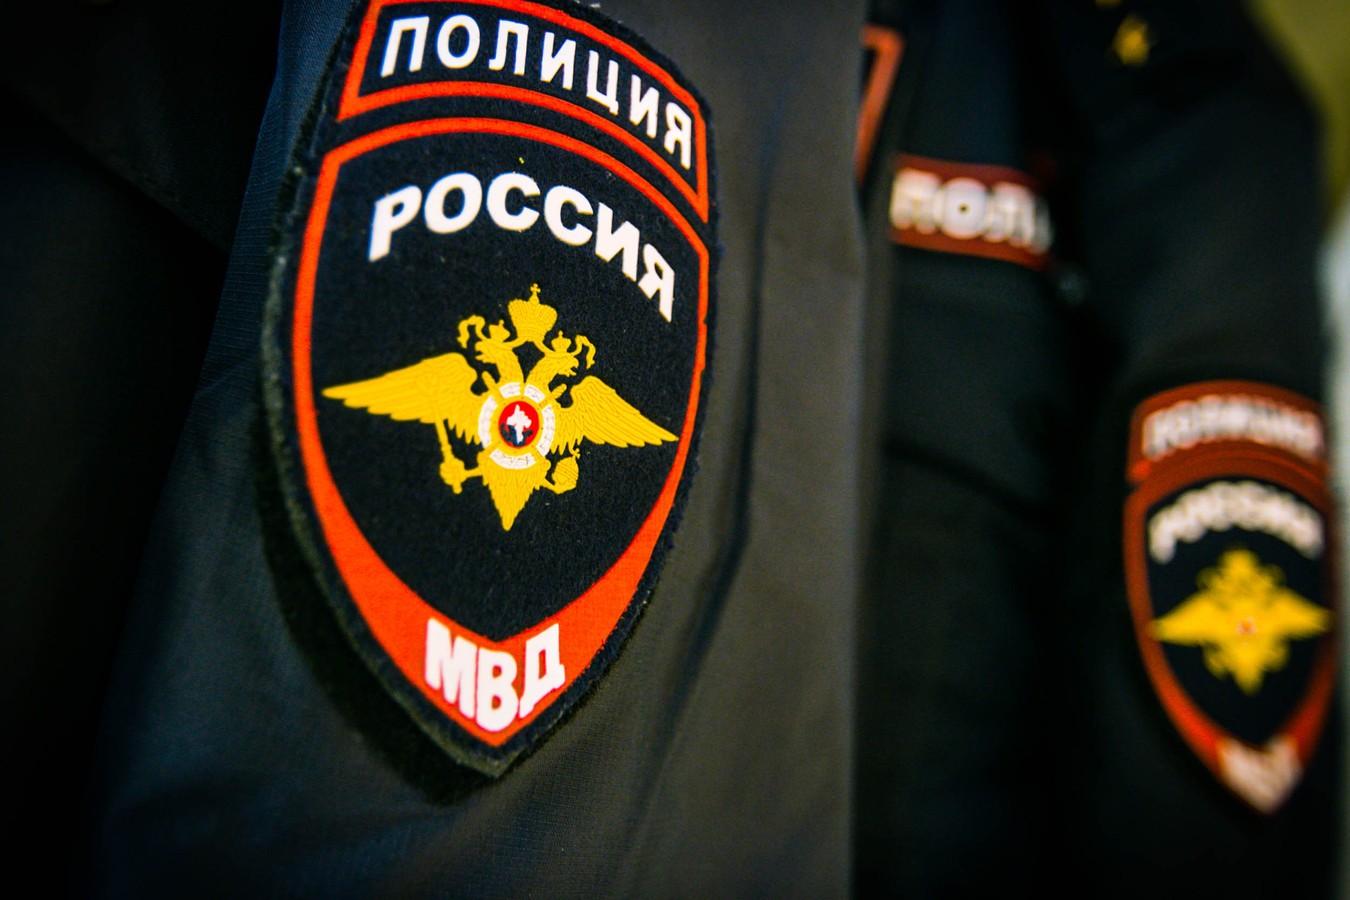 Банда Гагиевых забетонировала вбочке руководителя банка «Кутузовский»